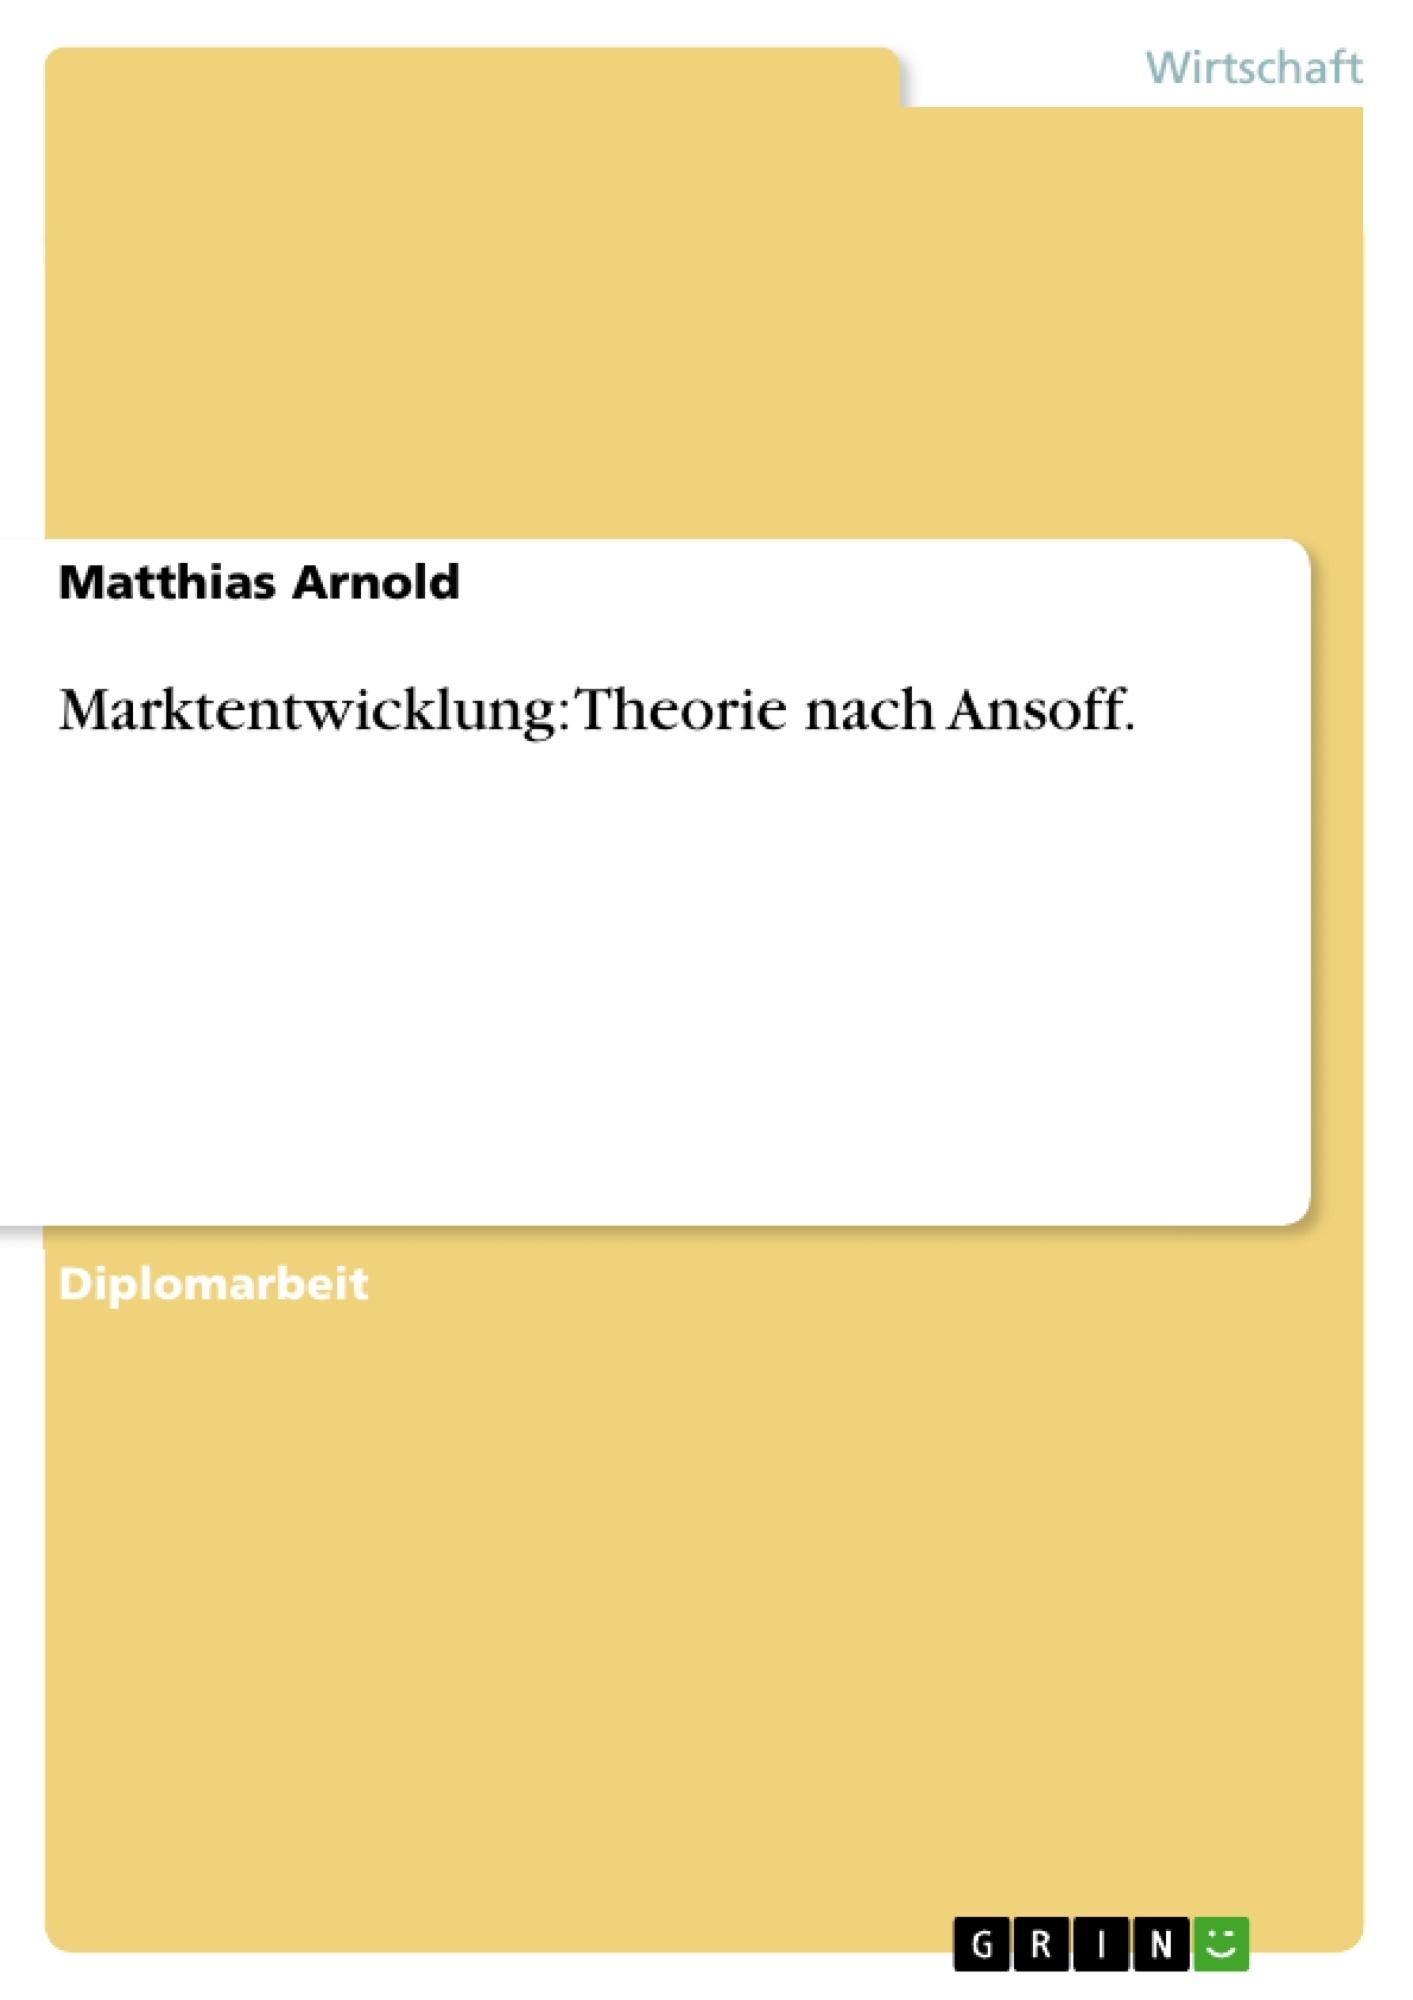 Titel: Marktentwicklung: Theorie nach Ansoff.